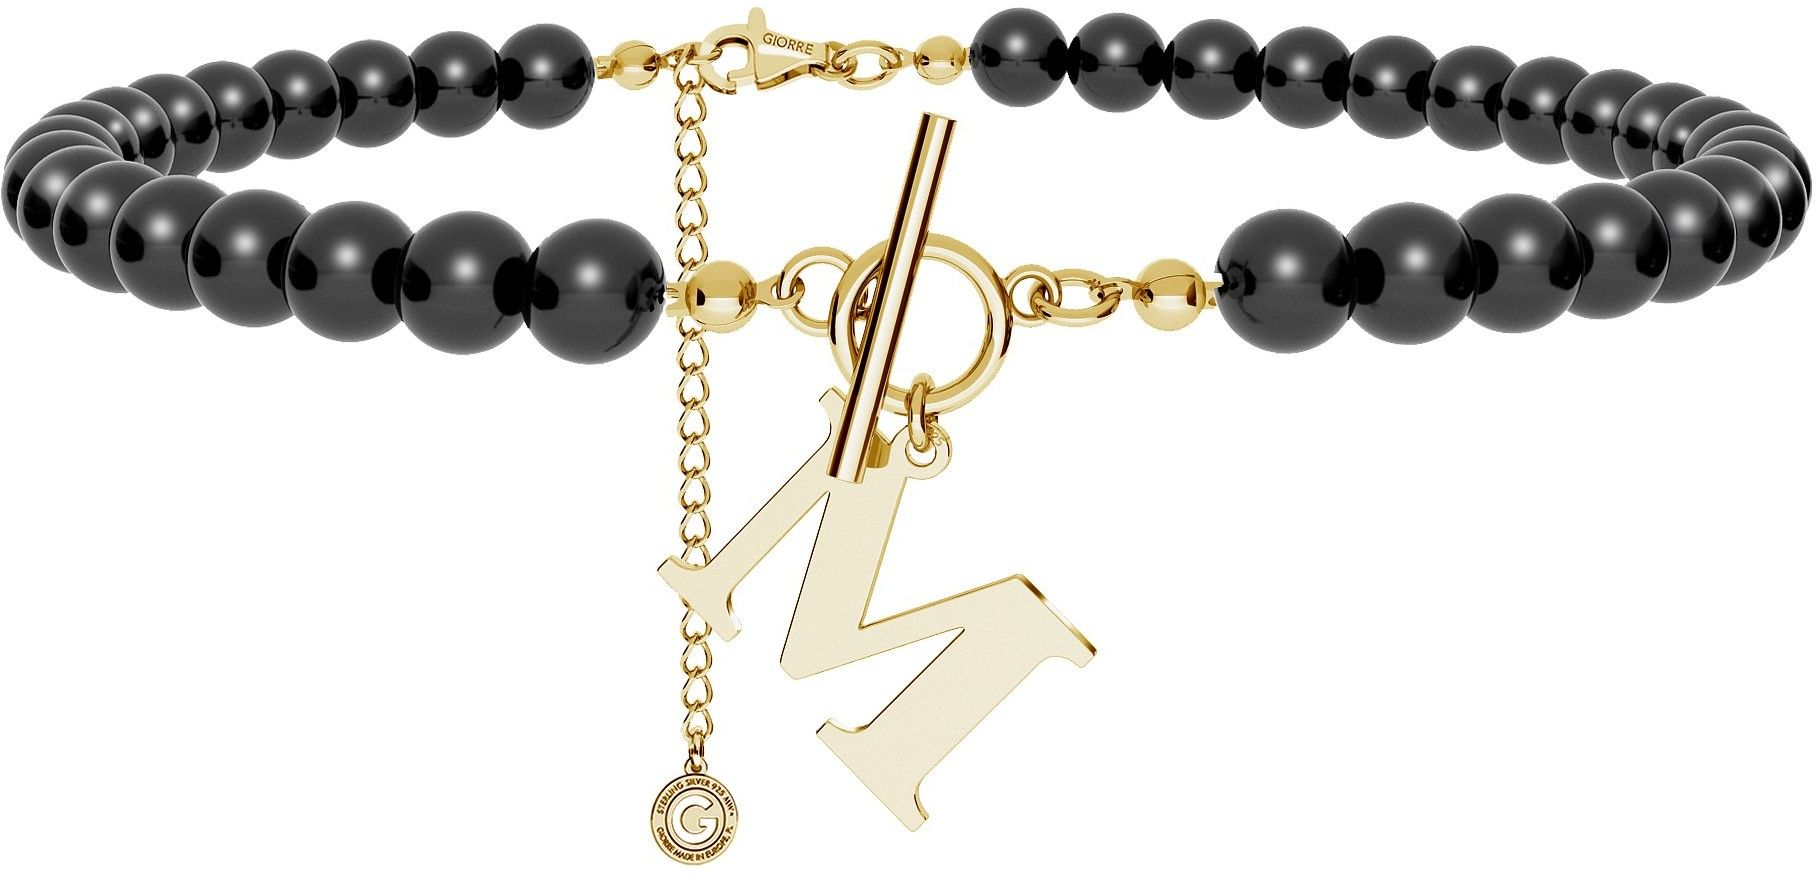 Czarny perłowy choker z dowolną literą, Swarovski, srebro 925 : Litera - U, Srebro - kolor pokrycia - Pokrycie żółtym 18K złotem